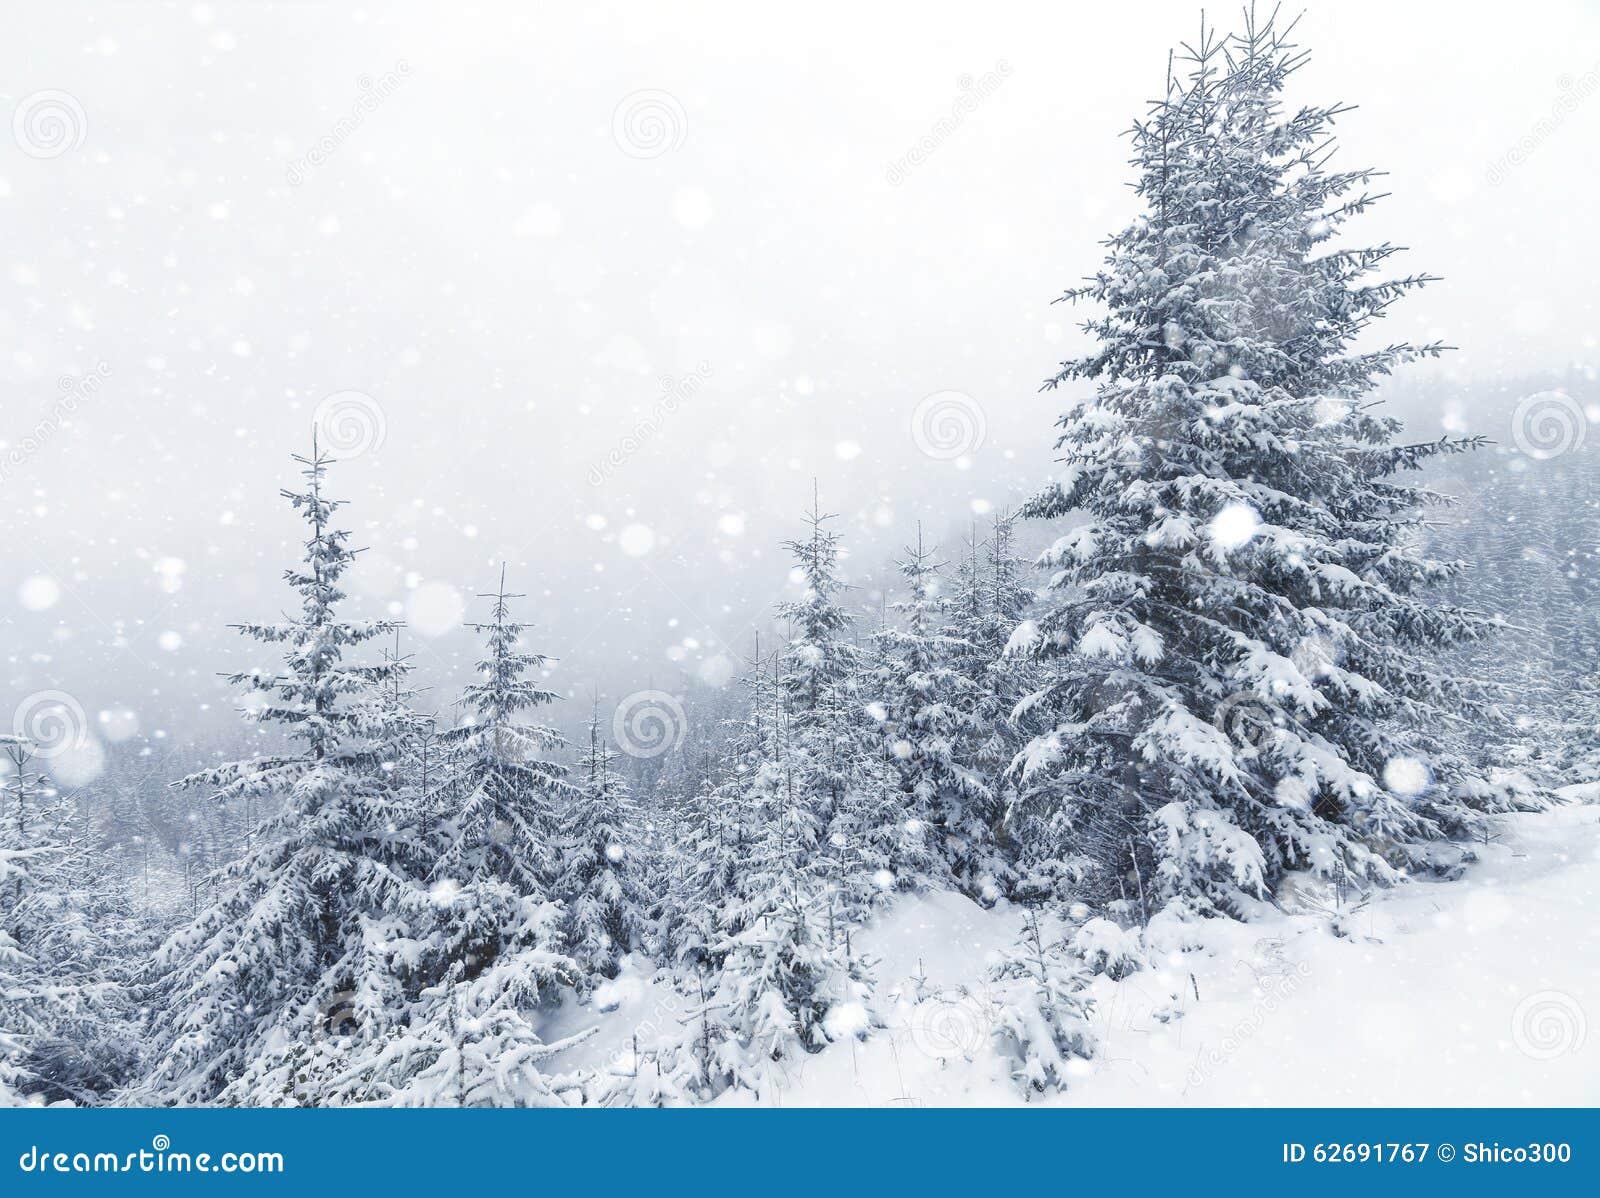 Árbol Spruce Forest Covered de niebla por la nieve en paisaje del invierno